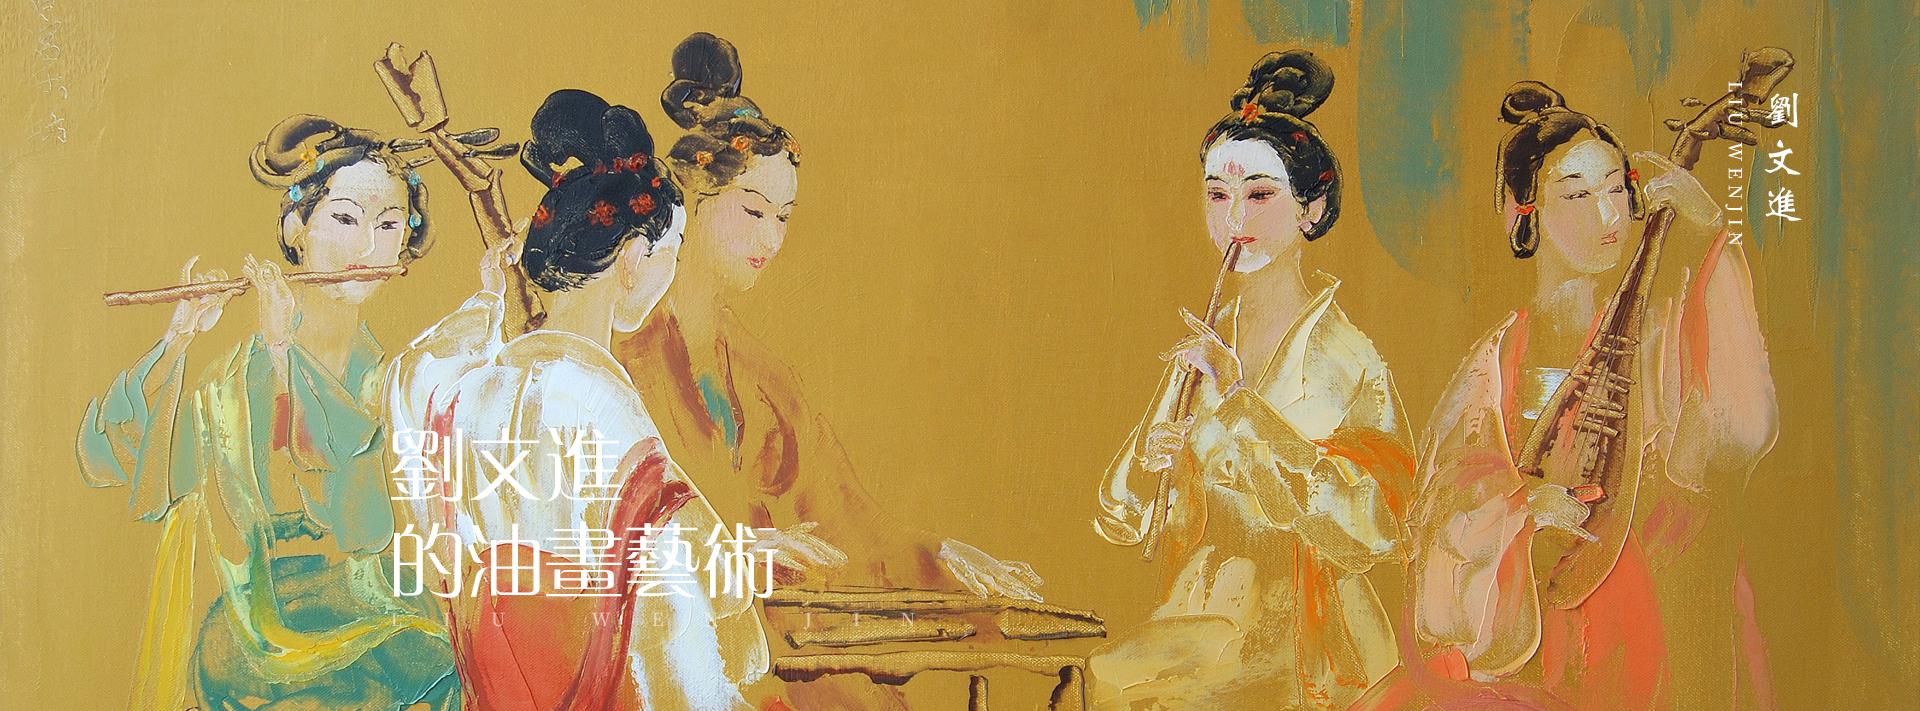 刘文进的油画艺术